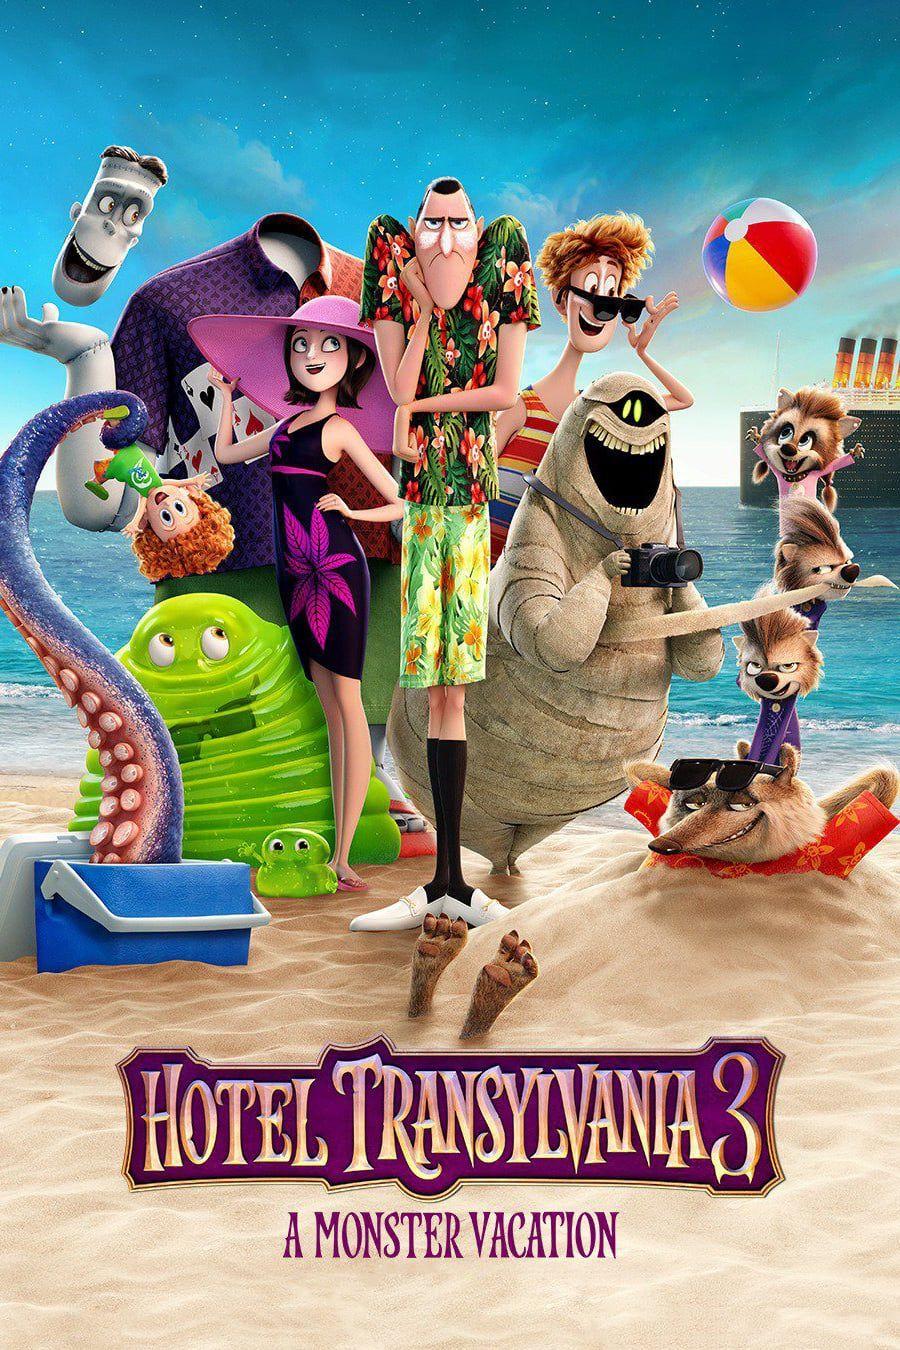 ver hotel transylvania 3 pelicula completa en español